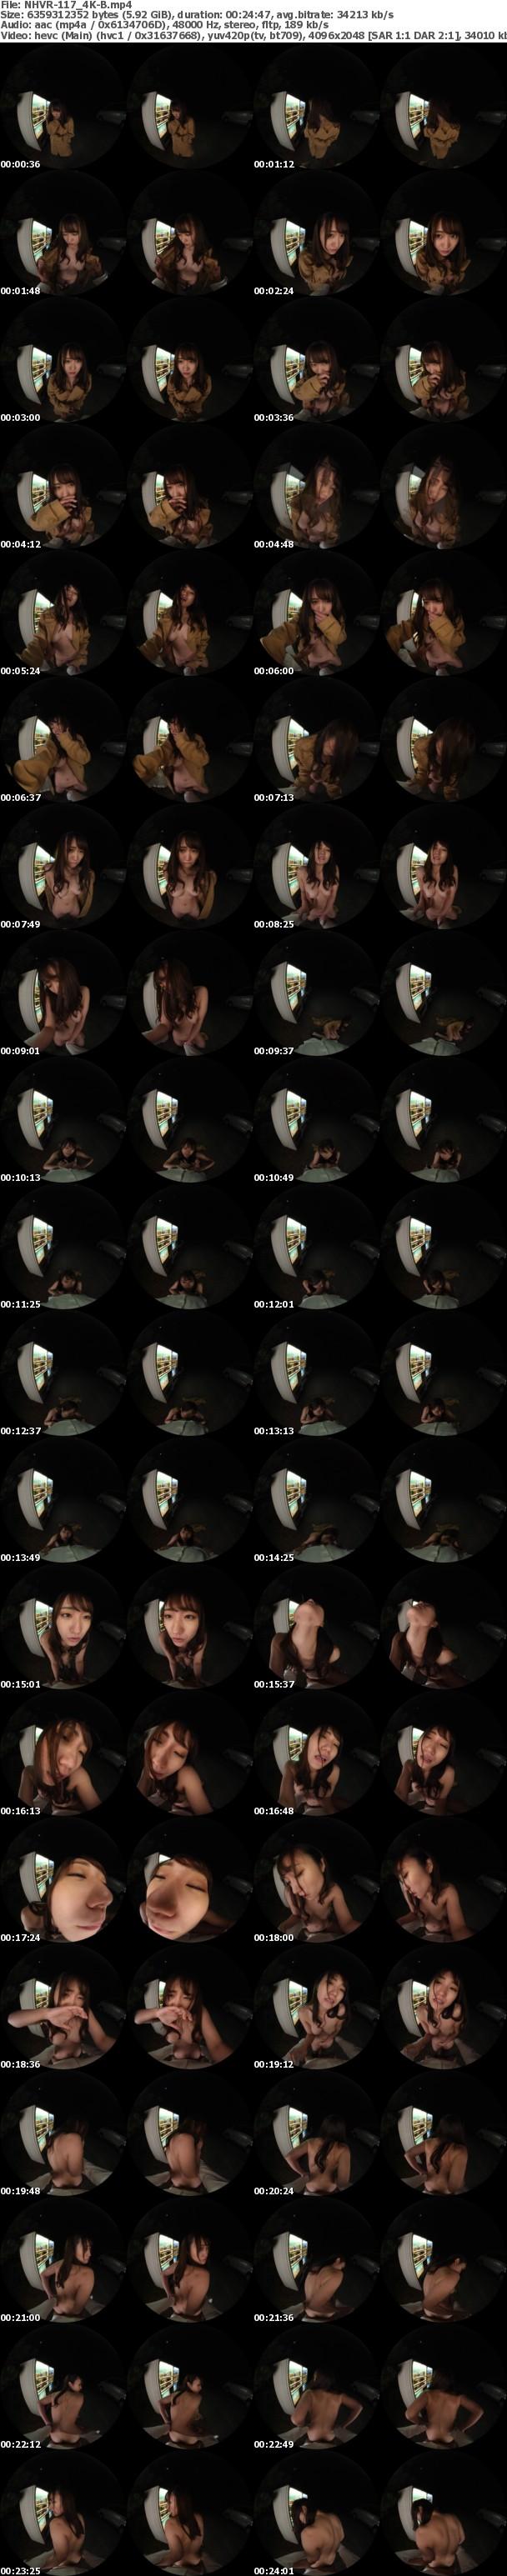 (VR) (4K) NHVR-117 全裸歩行中に鉢合わせした通行人とその場でSEXさせたら異常に興奮しだし僕に中出しを求めてきた。愛人×寝取らせ×中出し いいなり夜間露出